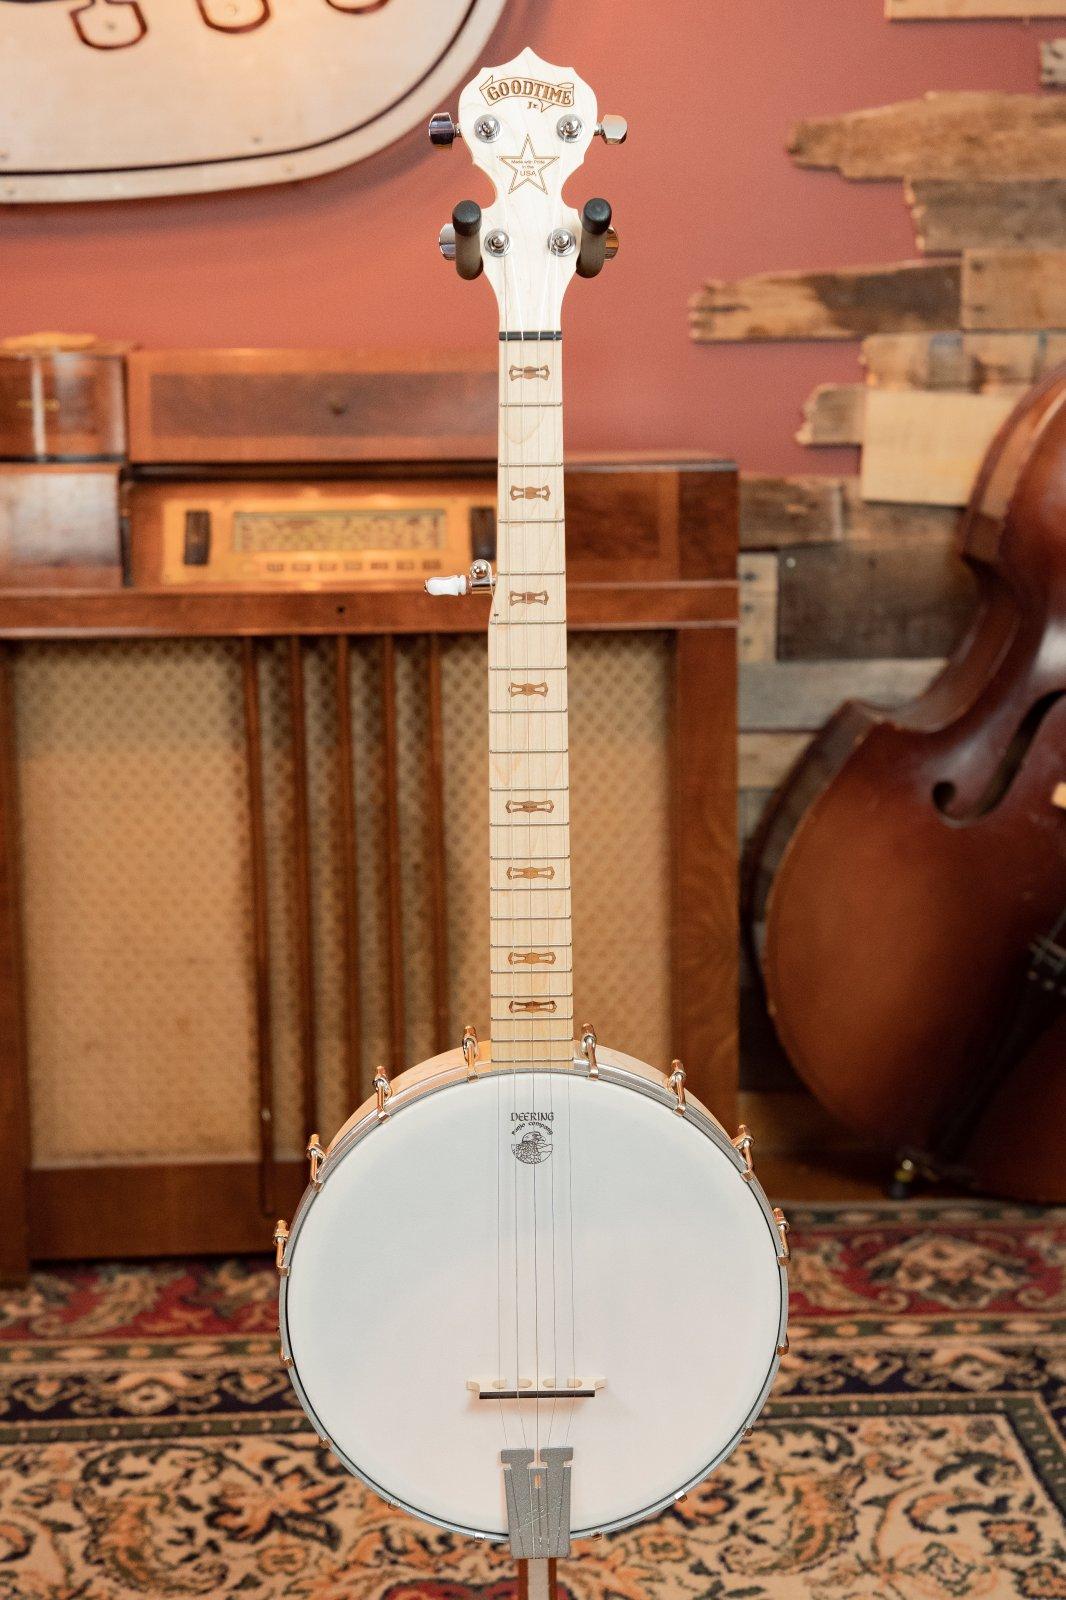 Deering Goodtime Jr. Open-back Banjo - Silver #1